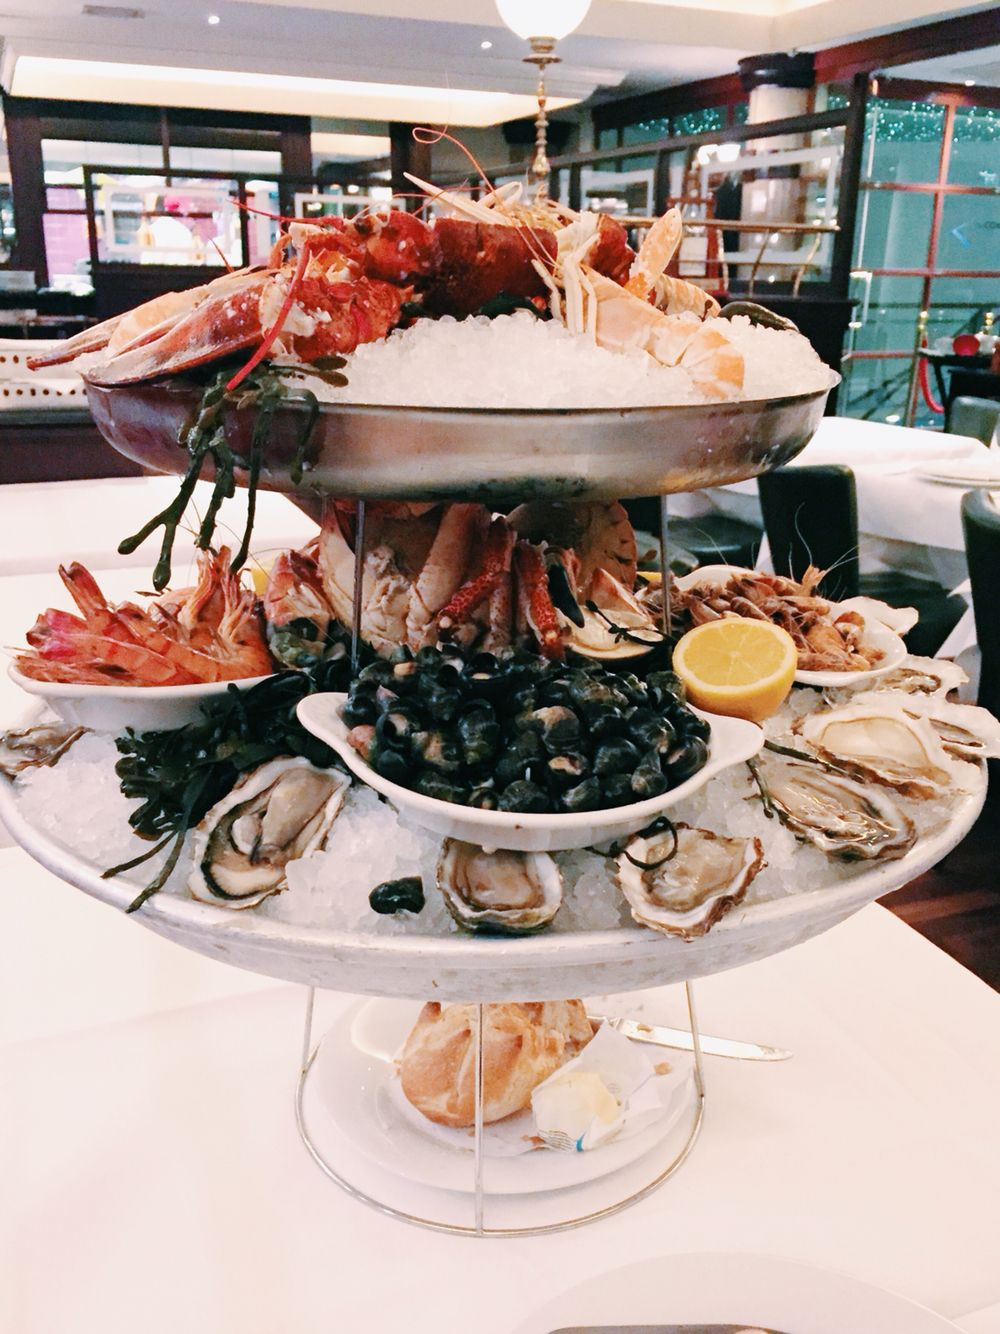 The huge-ass seafood platter